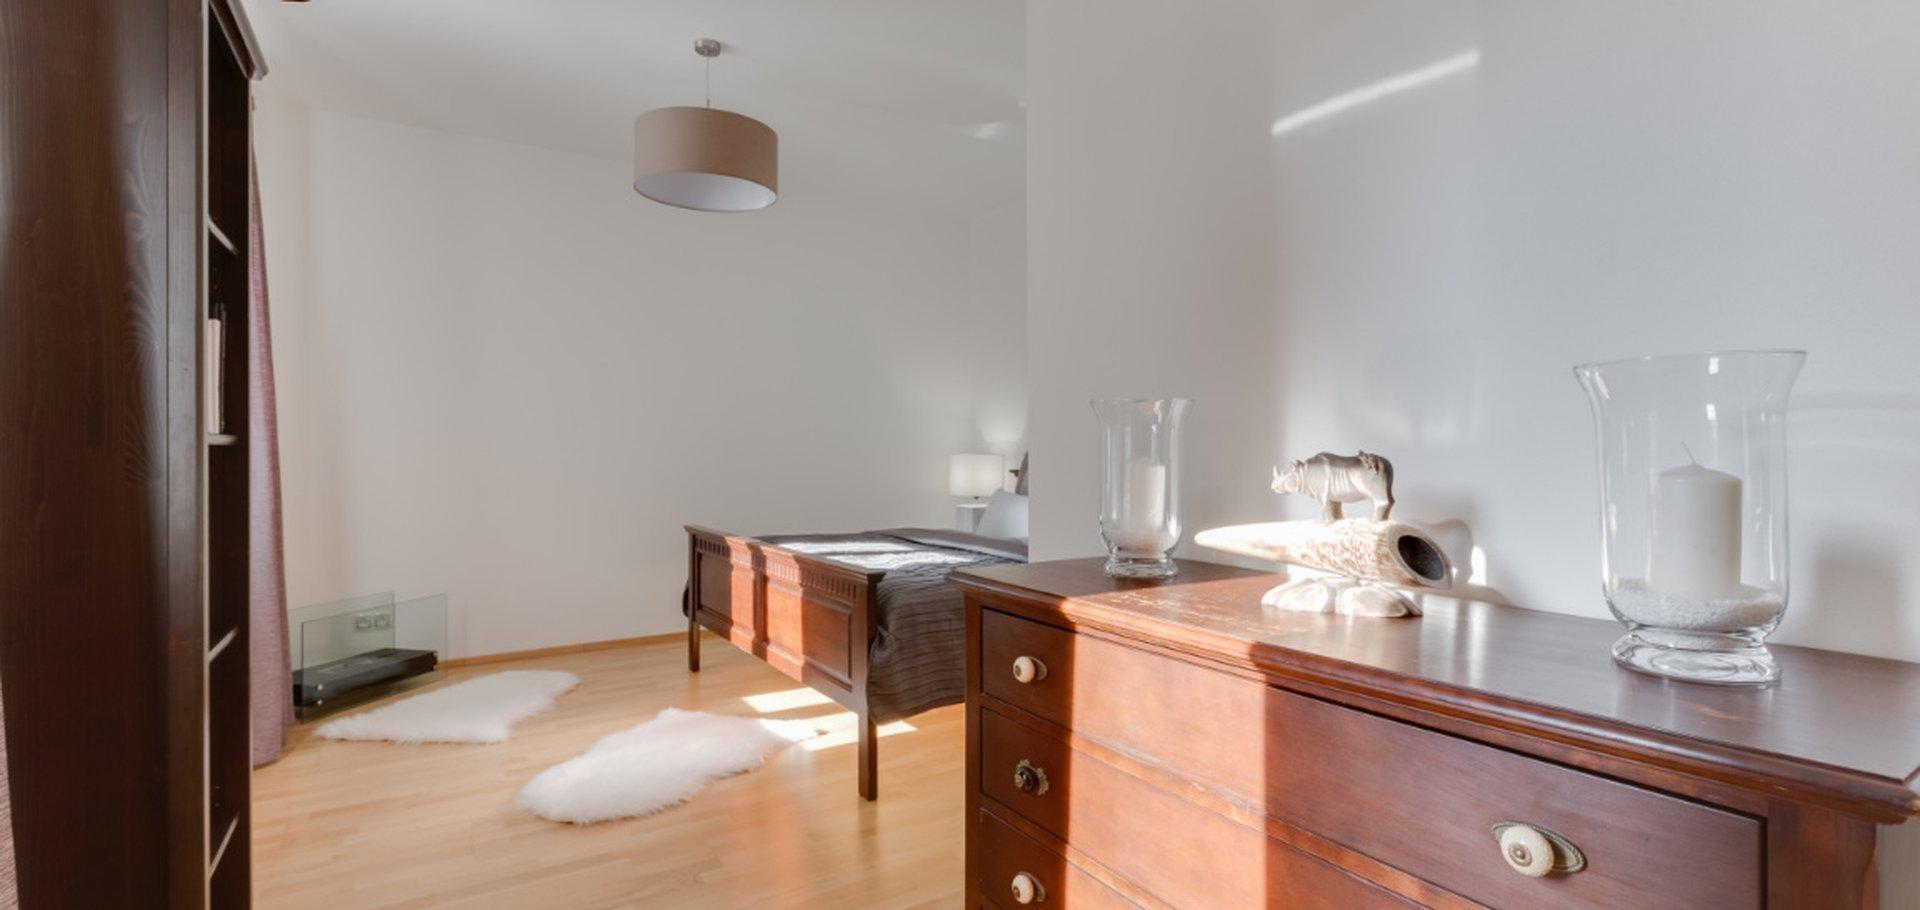 Prodej, byt 2+kk, 82 m2, Praha - Žižkov